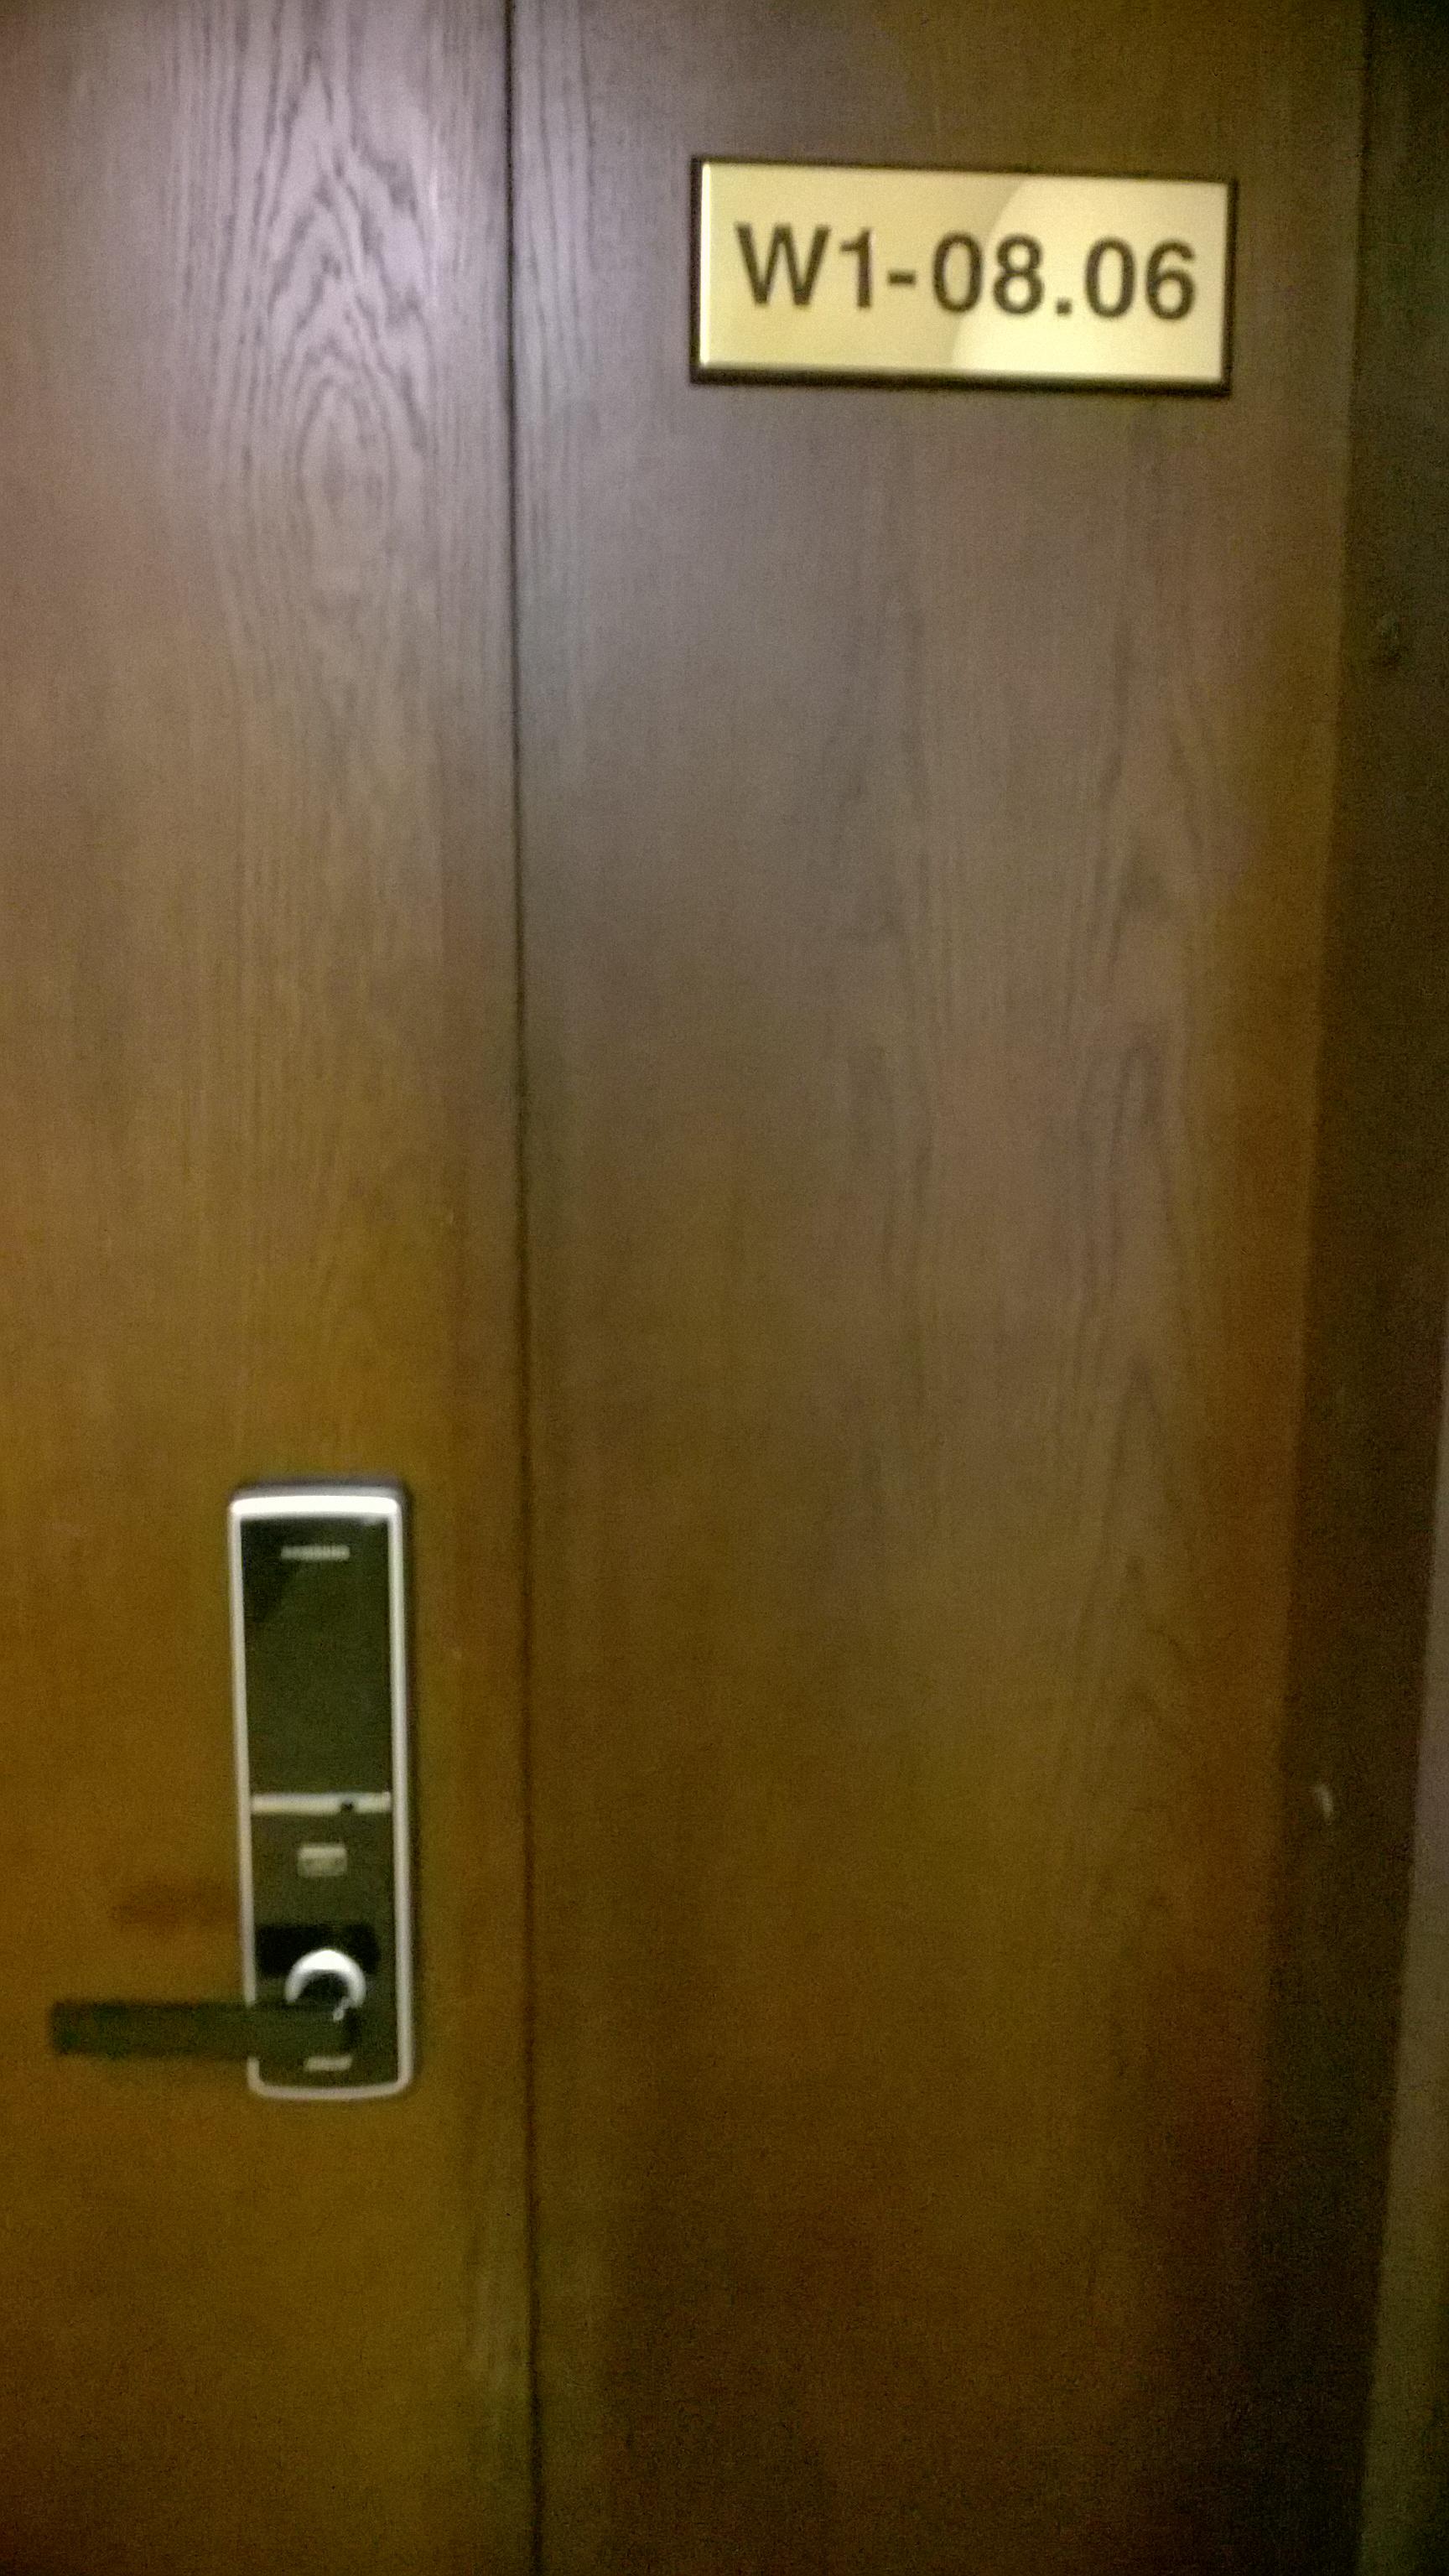 Lắp khóa ở tháp W1 chung cư Sunrise City Quận 7, TP HCM